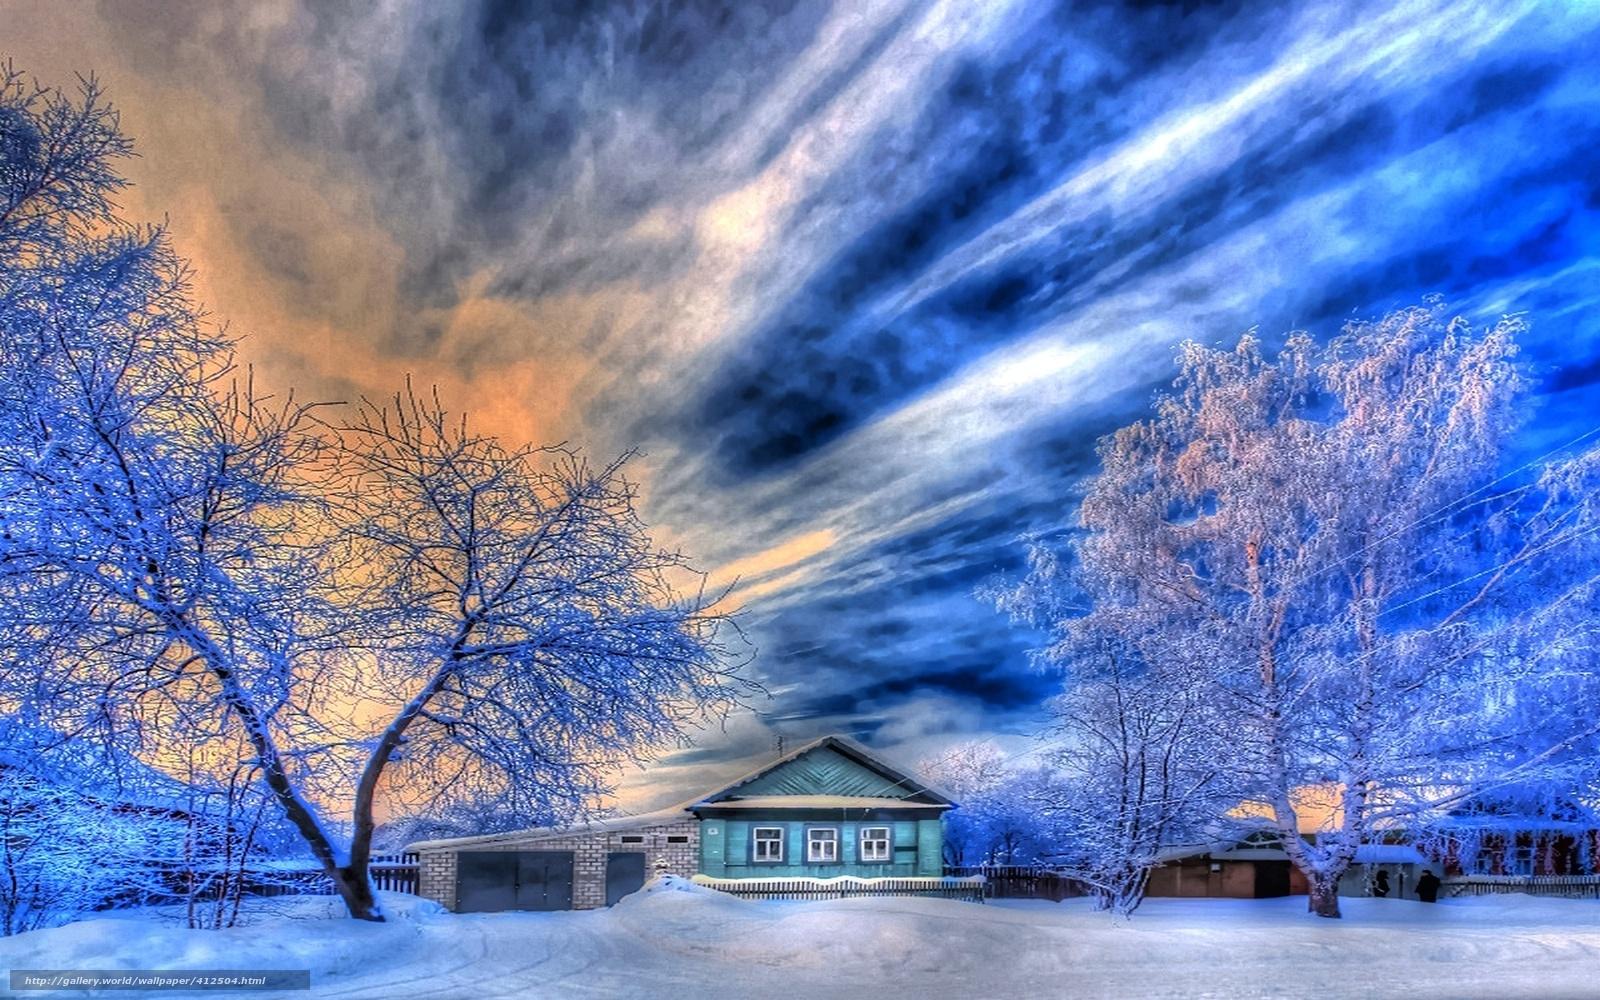 Tlcharger fond d 39 ecran nature hiver russe village fonds for Fond ecran gratuit hiver